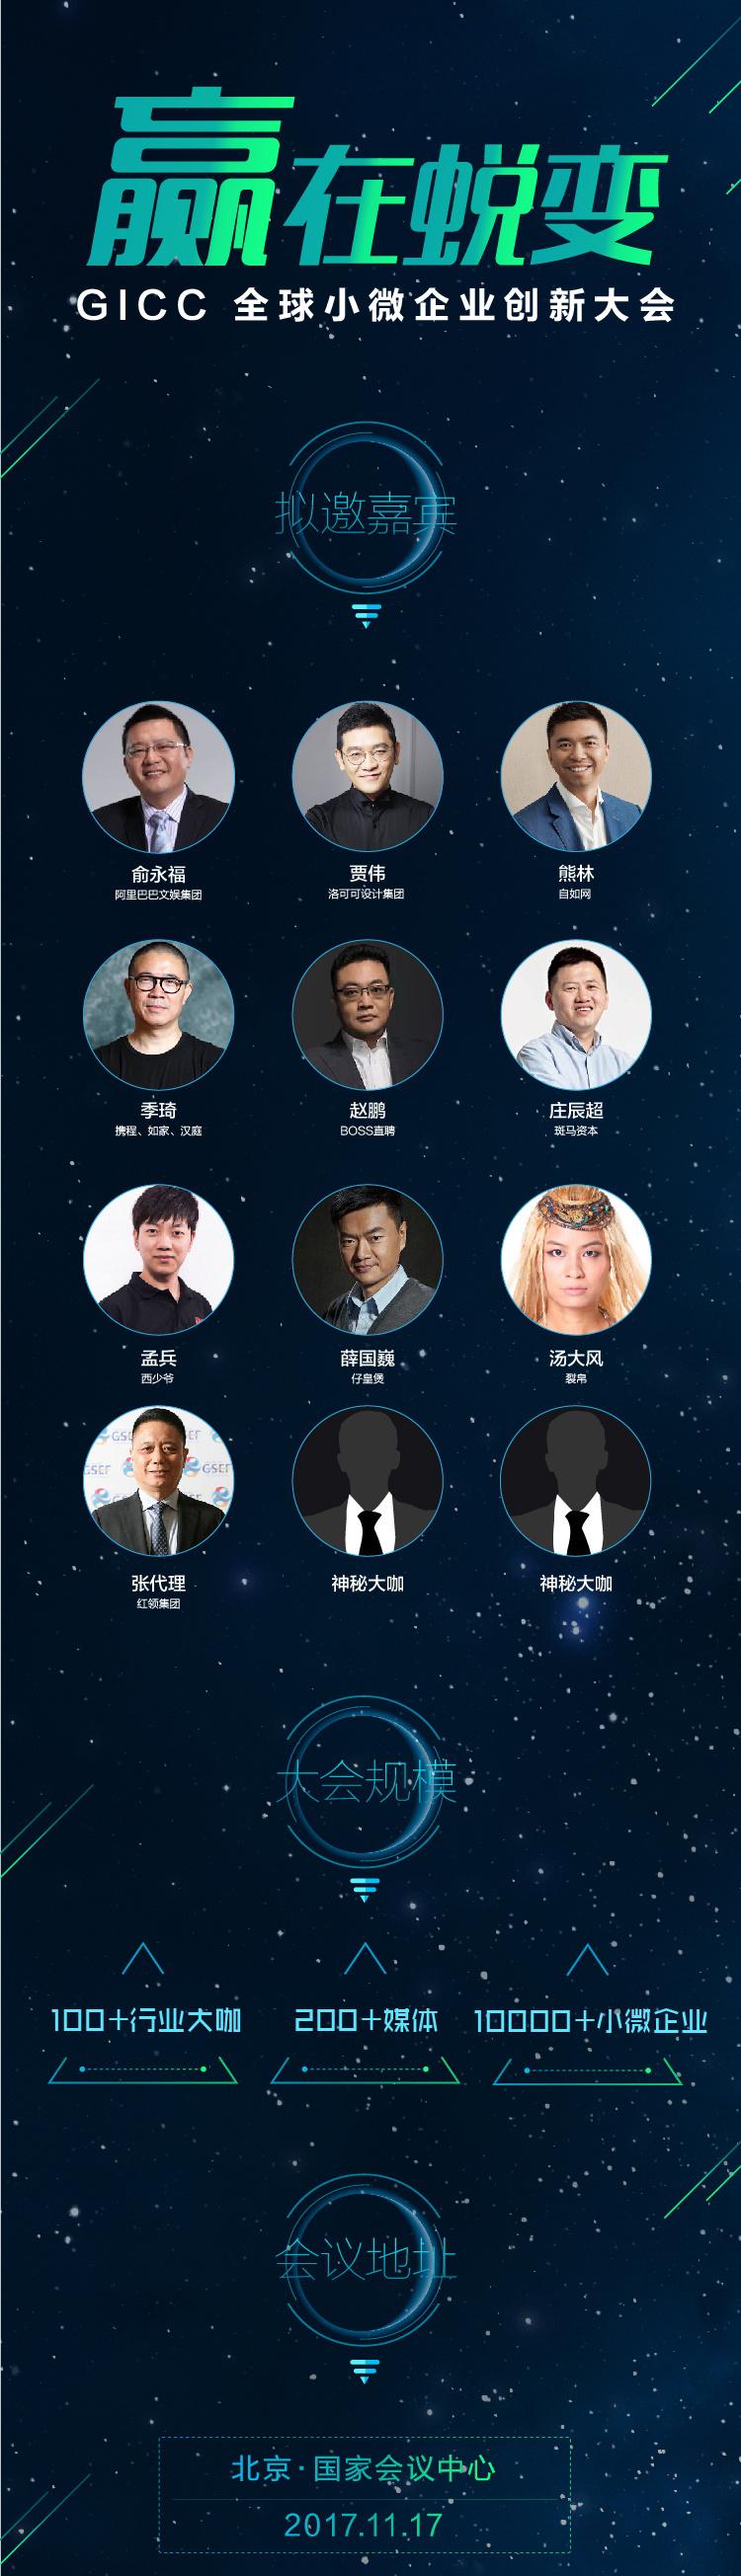 GICC 2017全球小微企业创新大会